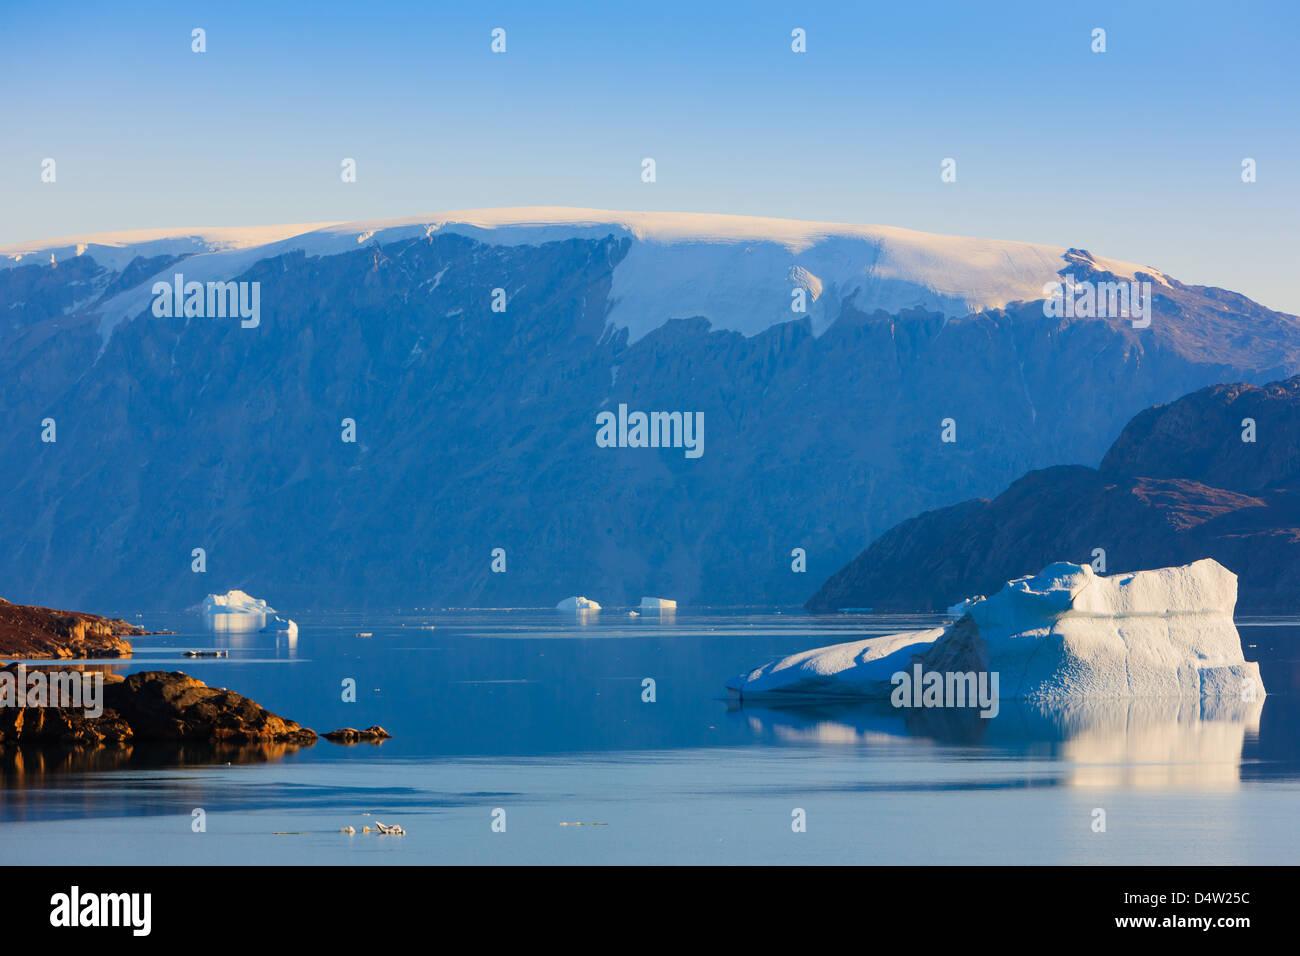 Les croisières entre les icebergs à Ø Røde, Scoresbysund, Groenland Photo Stock